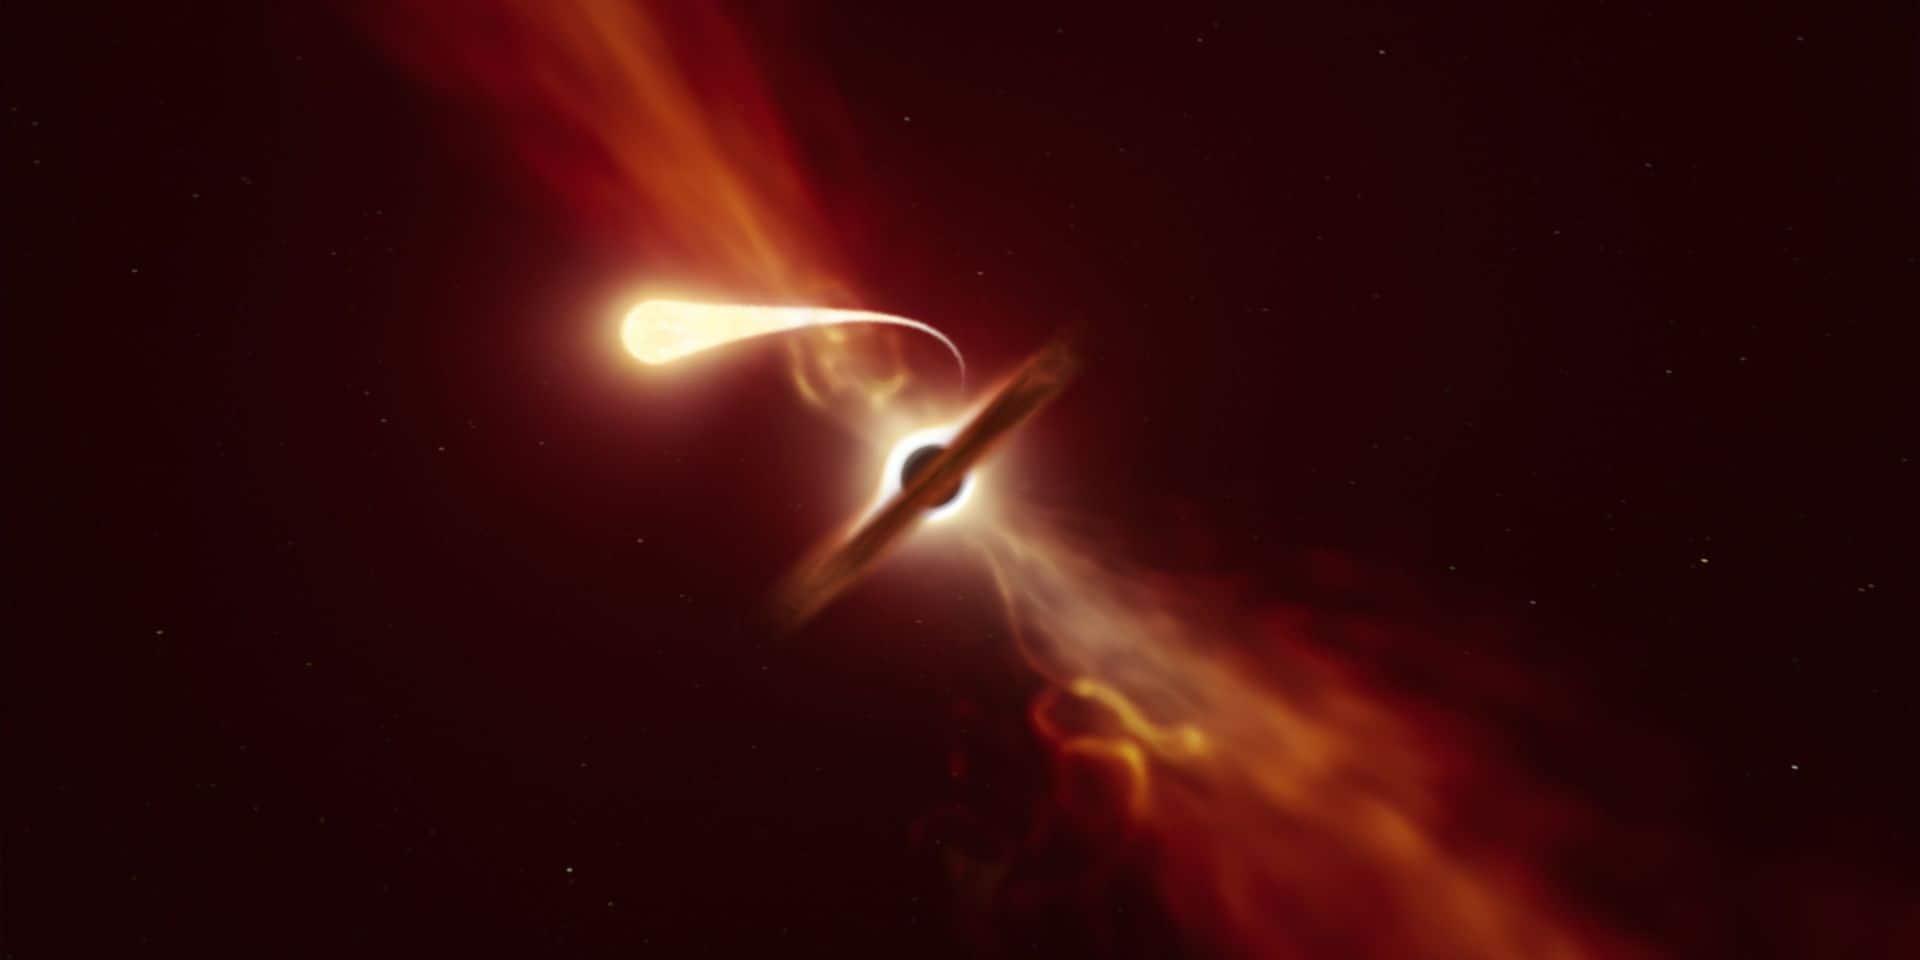 """La """"spaghettification"""" d'une étoile par un trou noir observée en temps réel"""